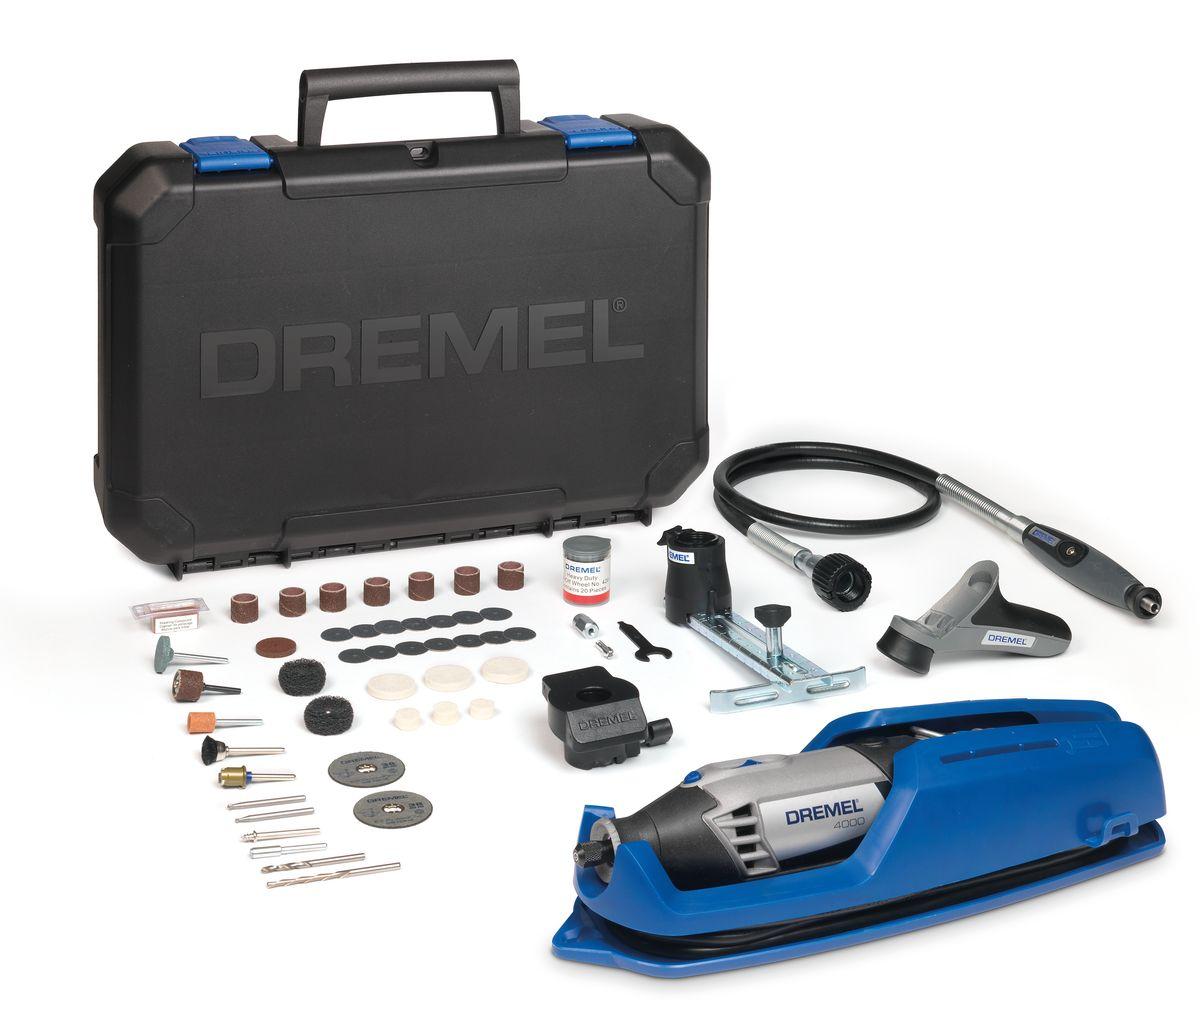 Многофункциональный инструмент Dremel 4000- 4/65F0134000JTМощный и точный многофункциональный инструмент Dremel 4000 обеспечивает максимальную универсальную производительность. Ключ к отличному результату – максимальный контроль над инструментом. Многофункциональный инструмент со сменными насадками и приставками обеспечит такой контроль. Инструмент оснащен мягкой ручкой с возможностью поворота на 360 градусов, повышающей маневренность в любом положении. Обрабатывайте даже самые мелкие детали в самых неудобных и труднодоступных местах. Скорость вращения регулируется во всем диапазоне и имеет отдельный переключатель, поэтому вы всегда сможете продолжить свою работу в том режиме, на котором остановились. Высокопроизводительный двигатель и константная электроника позволяют развивать максимальную силу. Шлифуйте, полируйте, режьте и выполняйте обработку любых материалов с одинаковой легкостью. Особенности модели: Двигатель мощностью 175 Вт для максимальной производительности Инновационный наконечник EZ Twist: для смены насадок не...